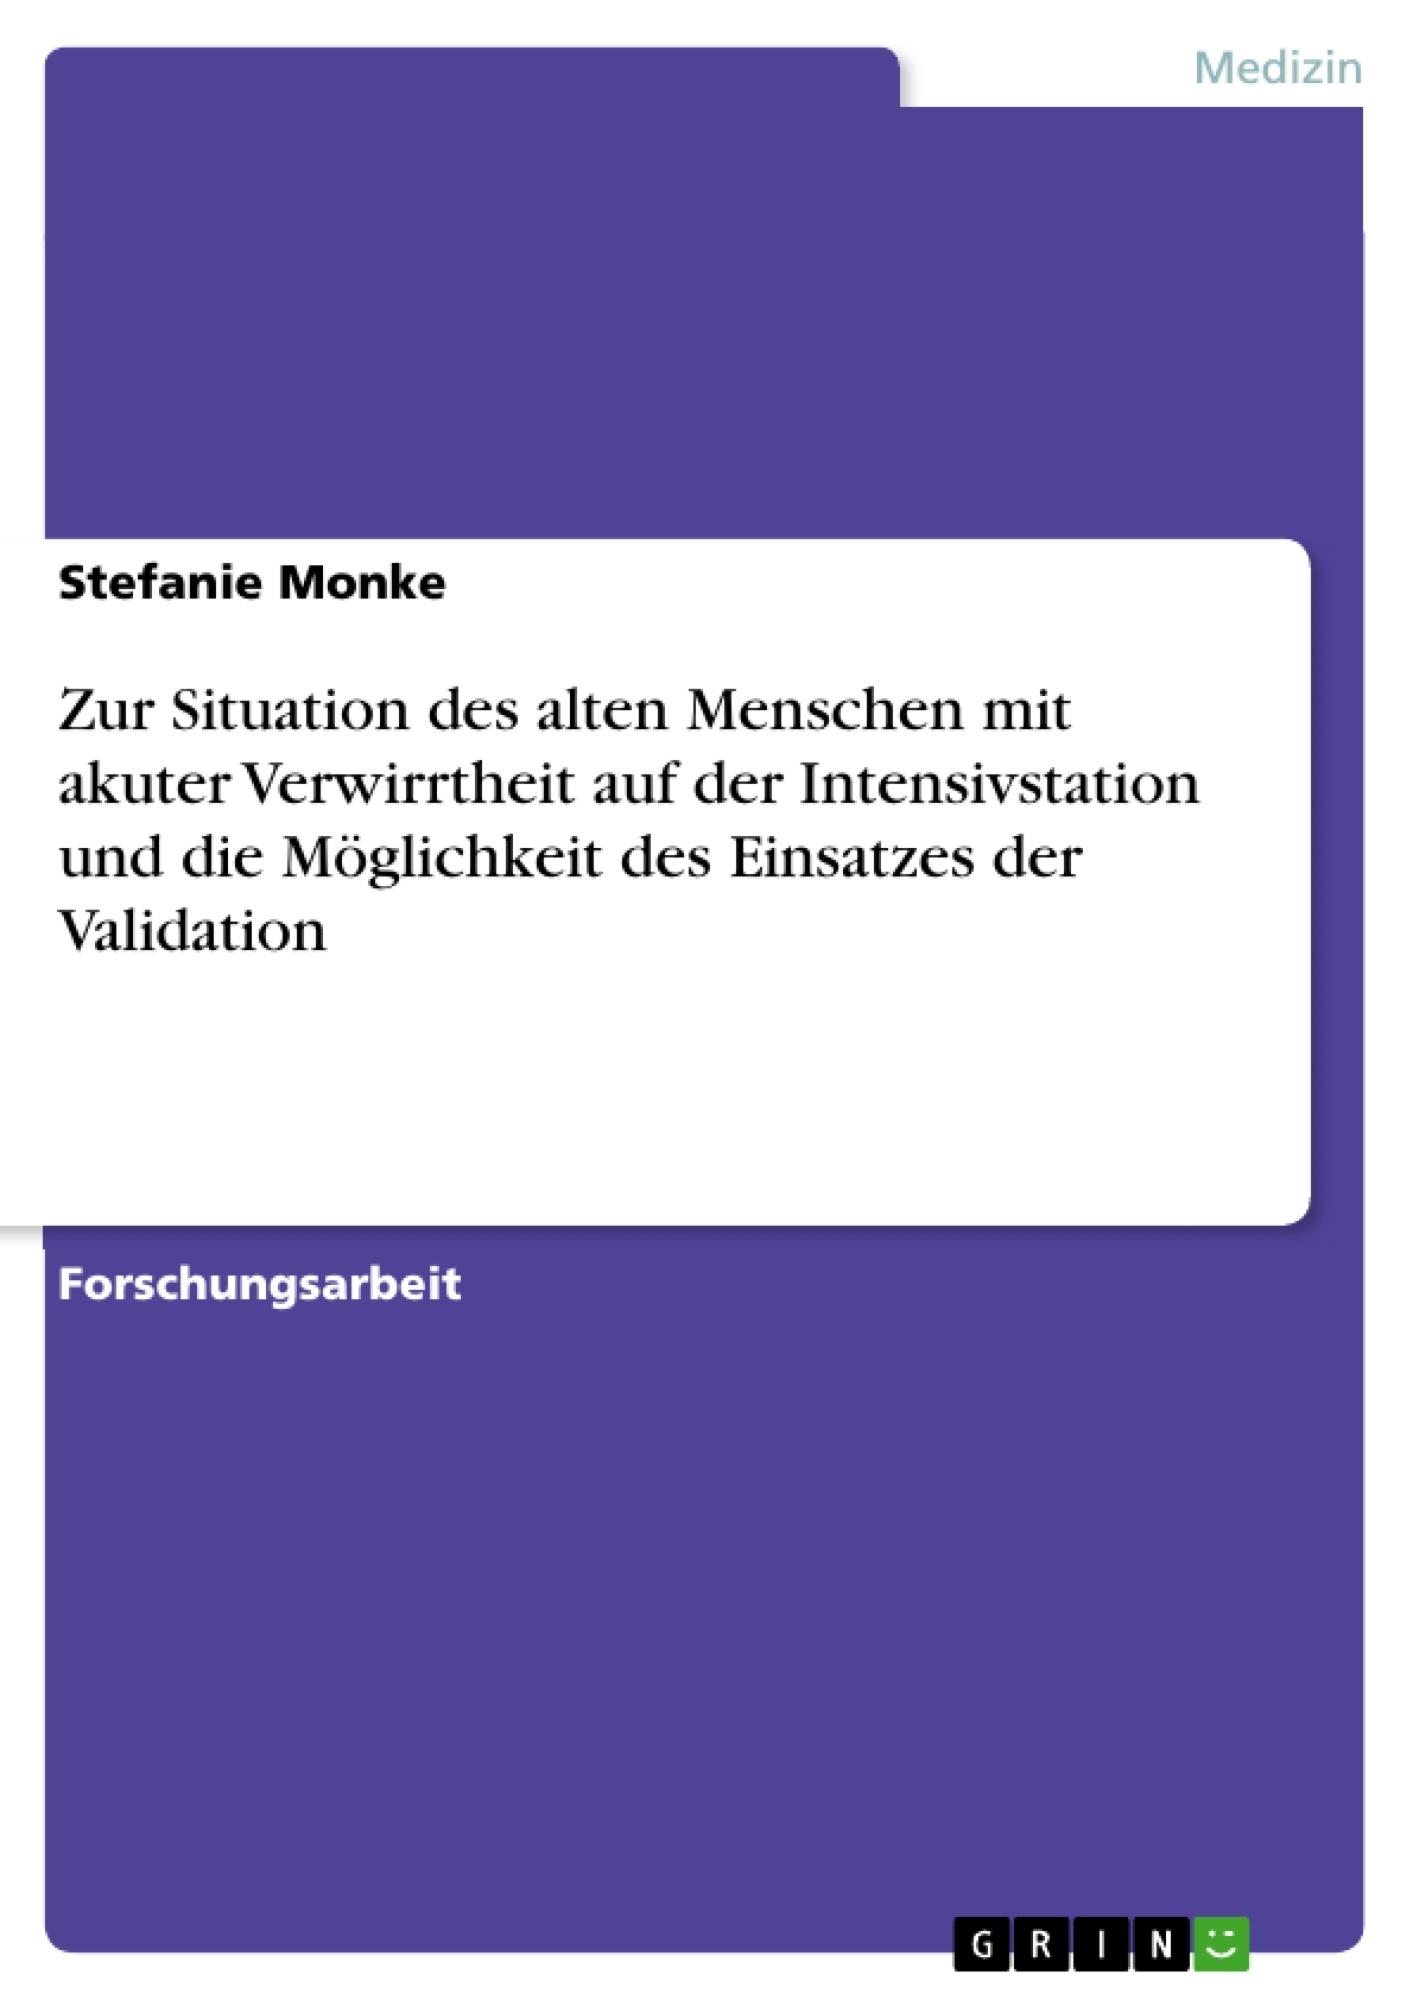 Titel: Zur Situation des alten Menschen mit akuter Verwirrtheit auf der Intensivstation und die Möglichkeit des Einsatzes der Validation